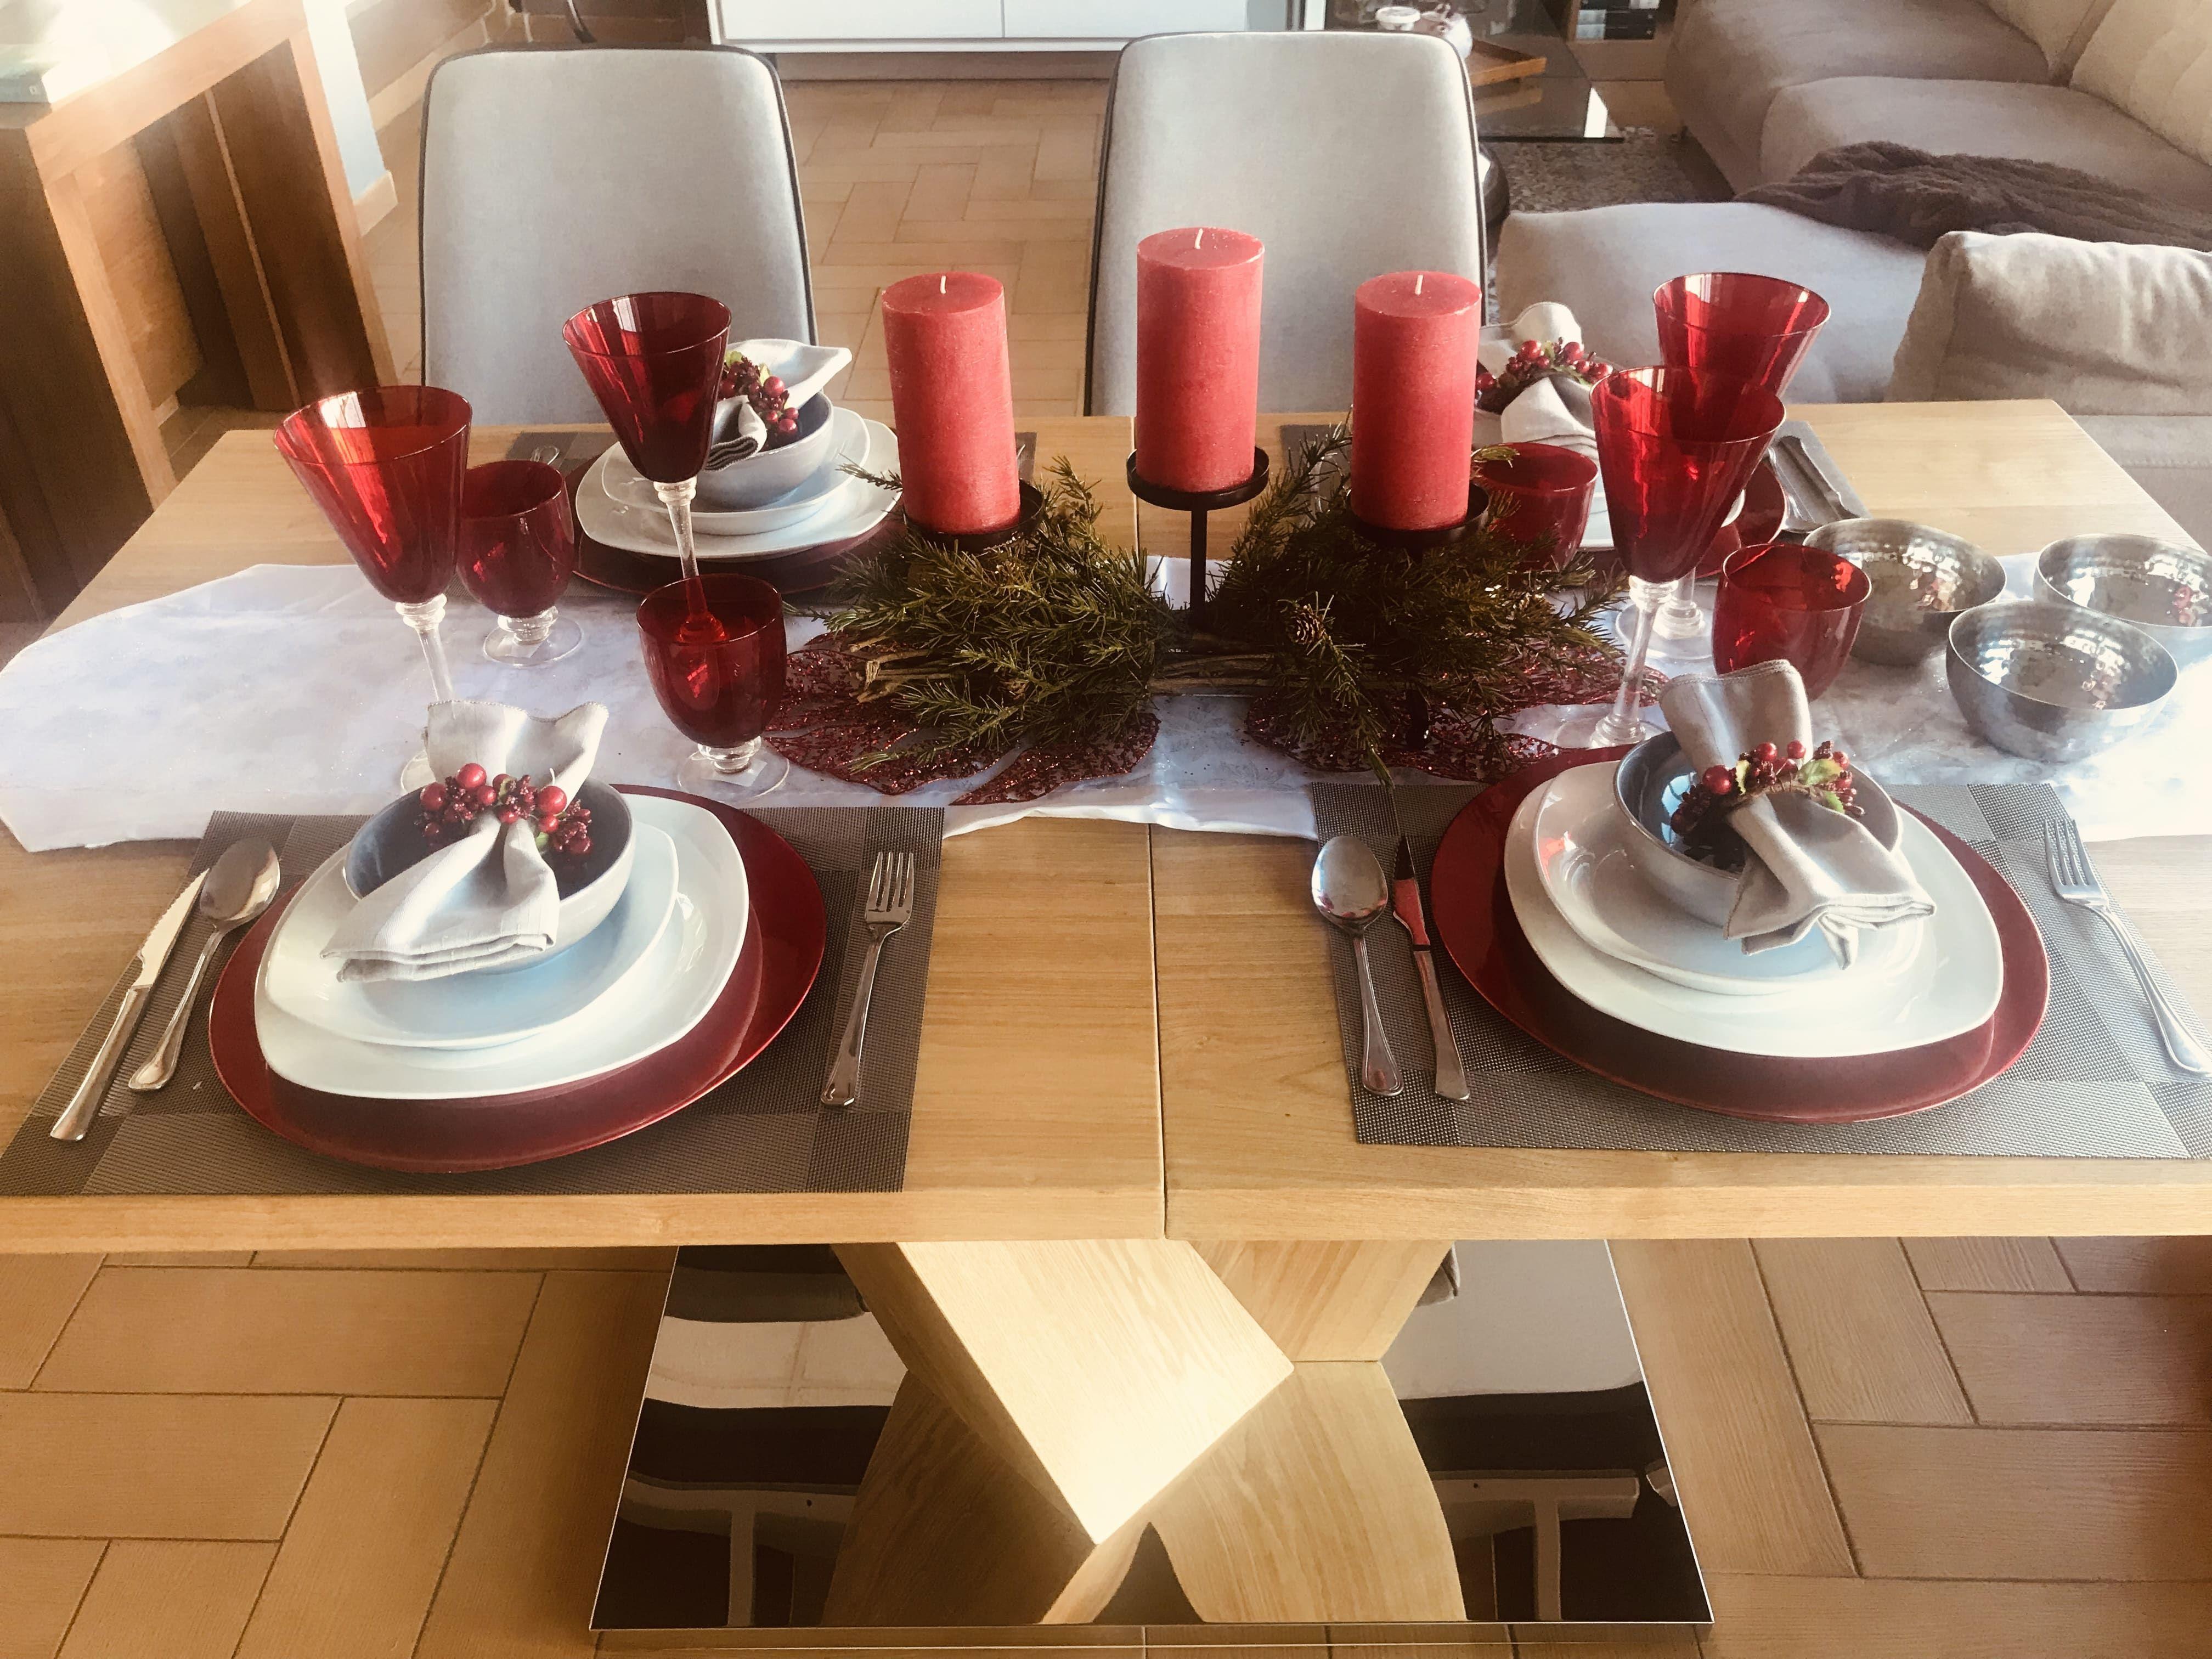 Menamobel propone una mesa en tonos rojo y plata para Navidad